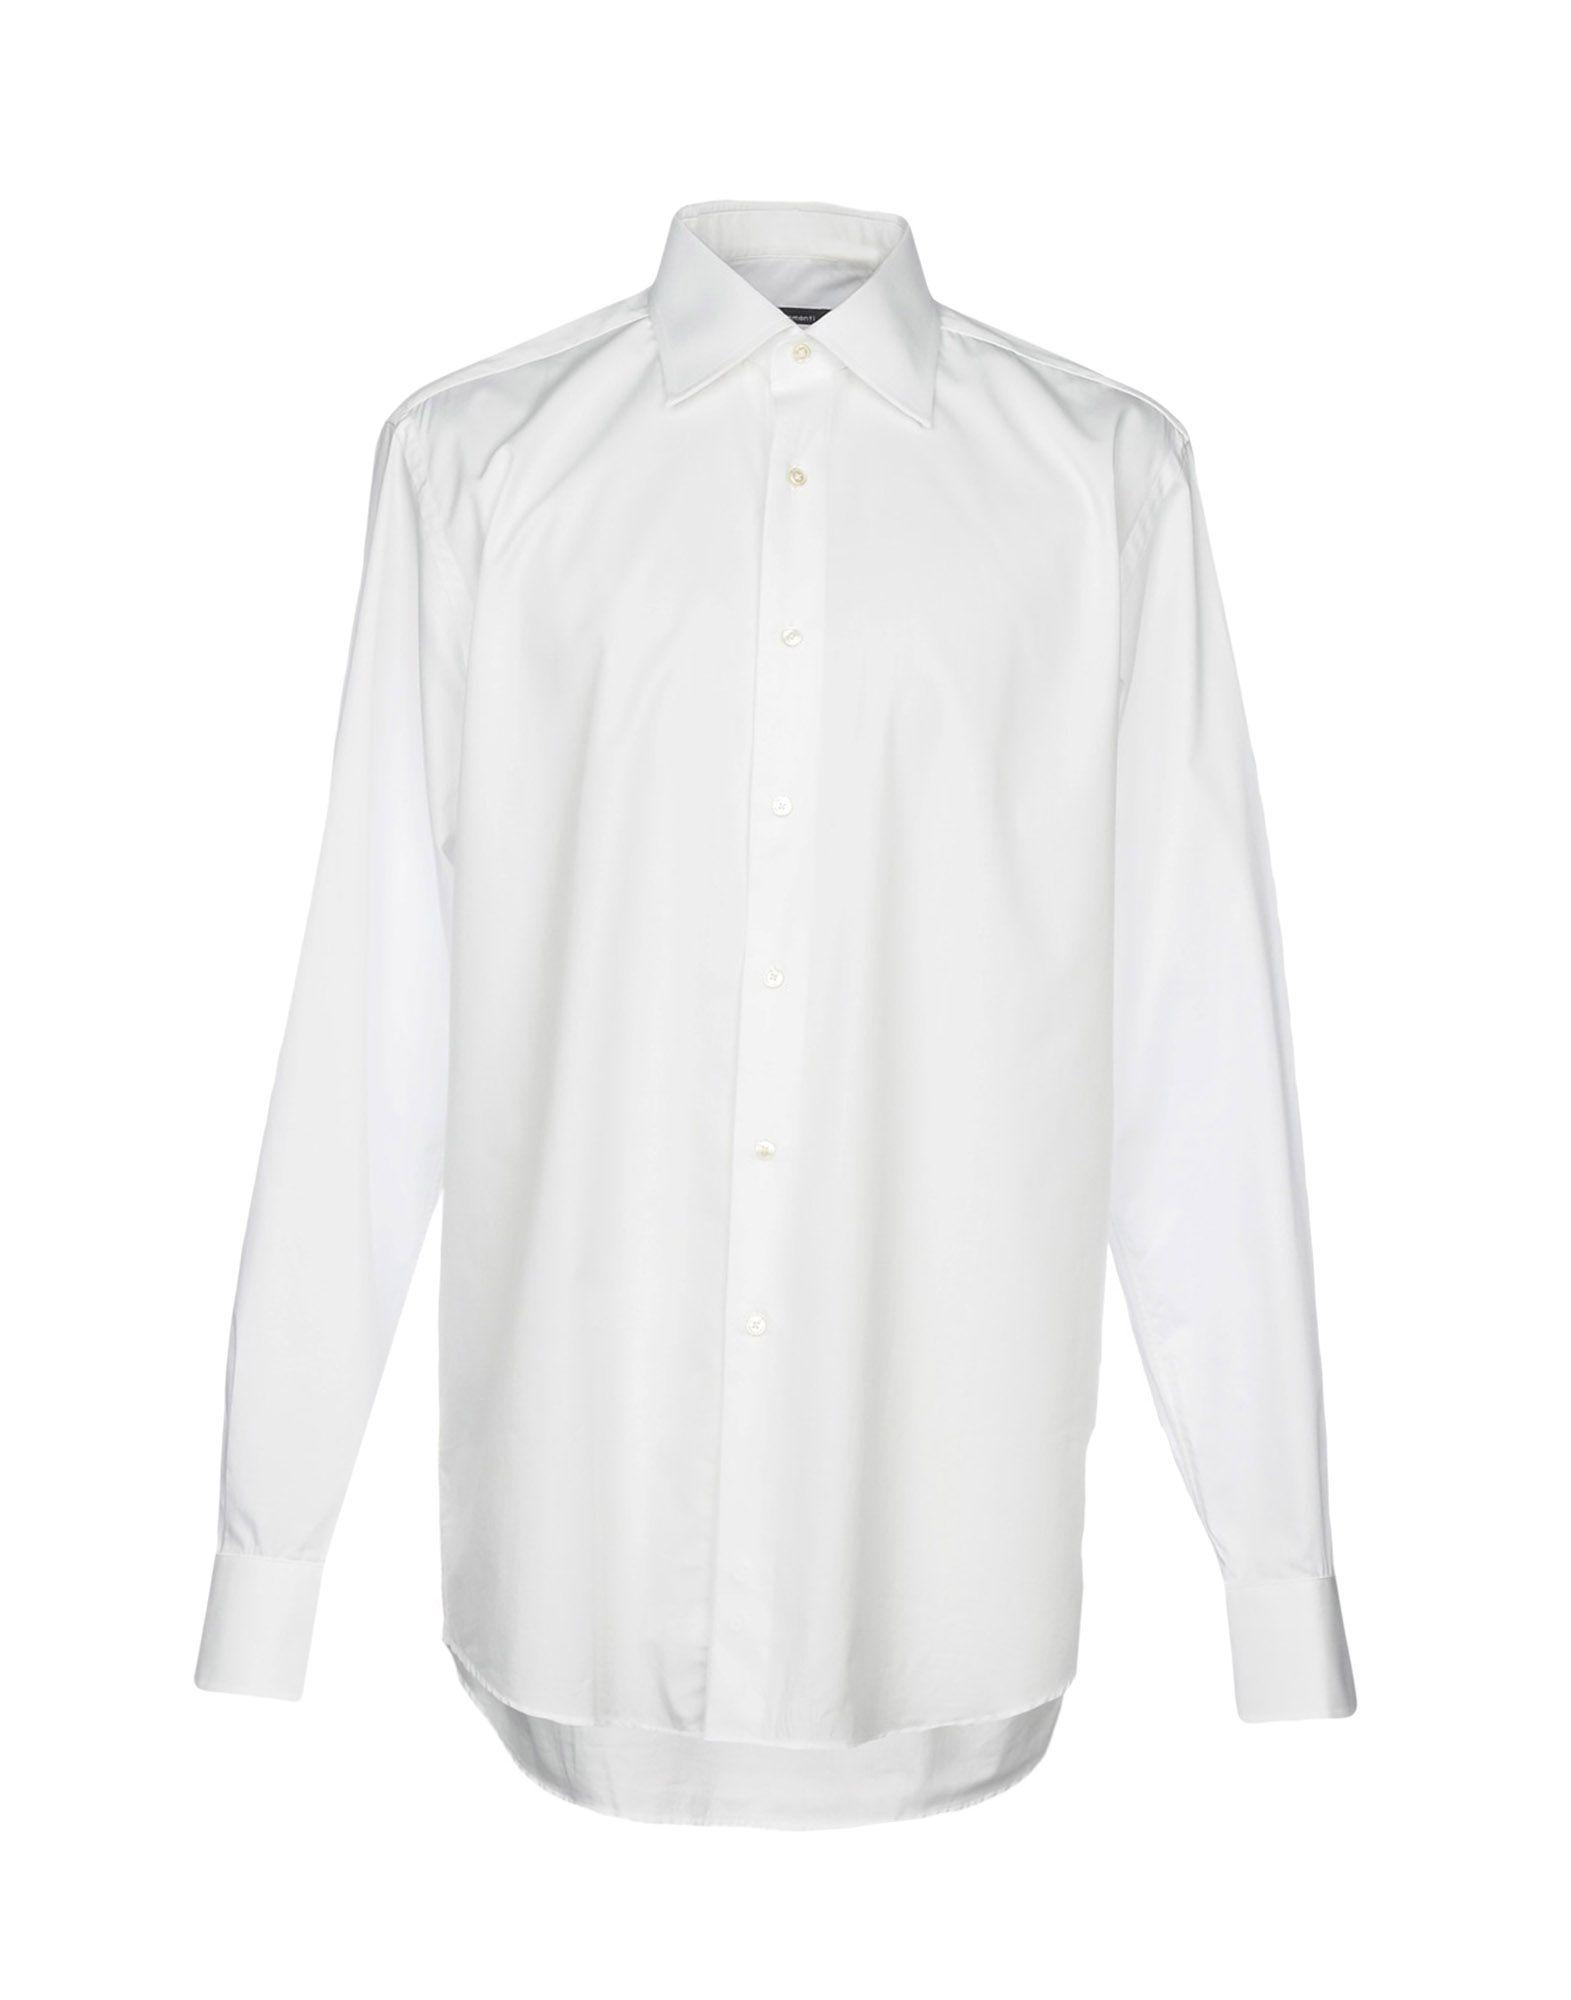 《期間限定セール開催中!》PAUL CLEMENTI メンズ シャツ ホワイト 43 コットン 100%